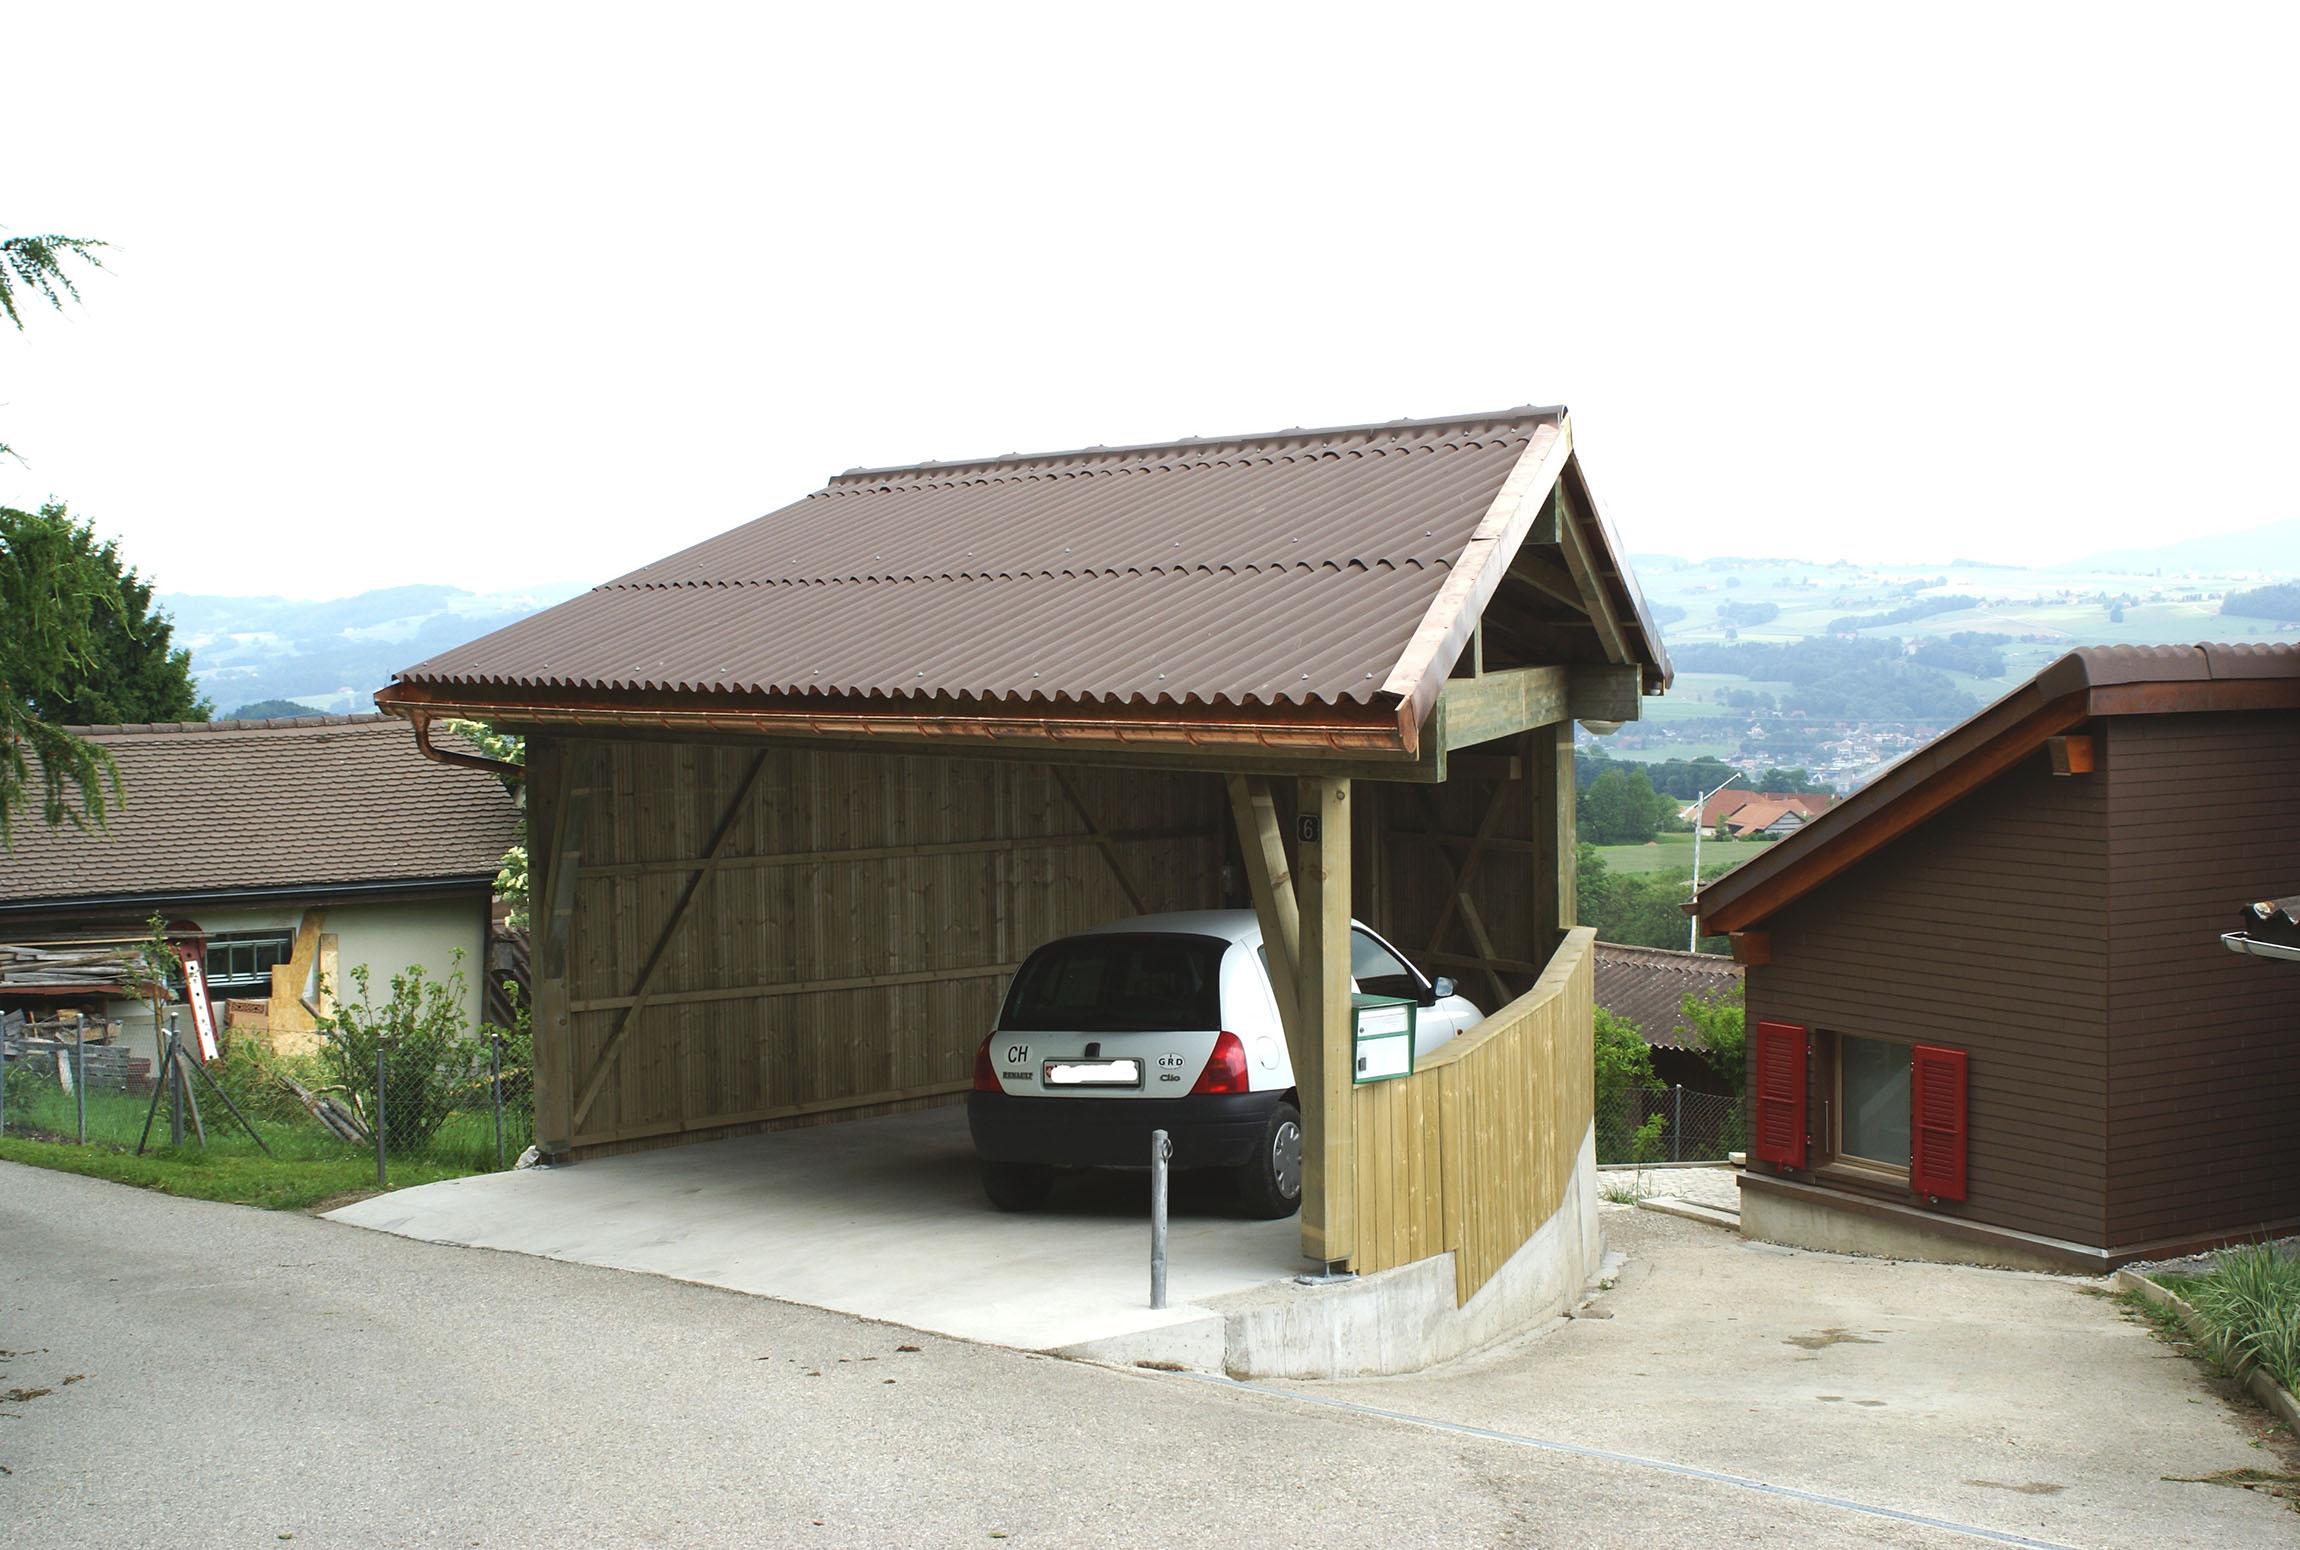 Carport 2 places